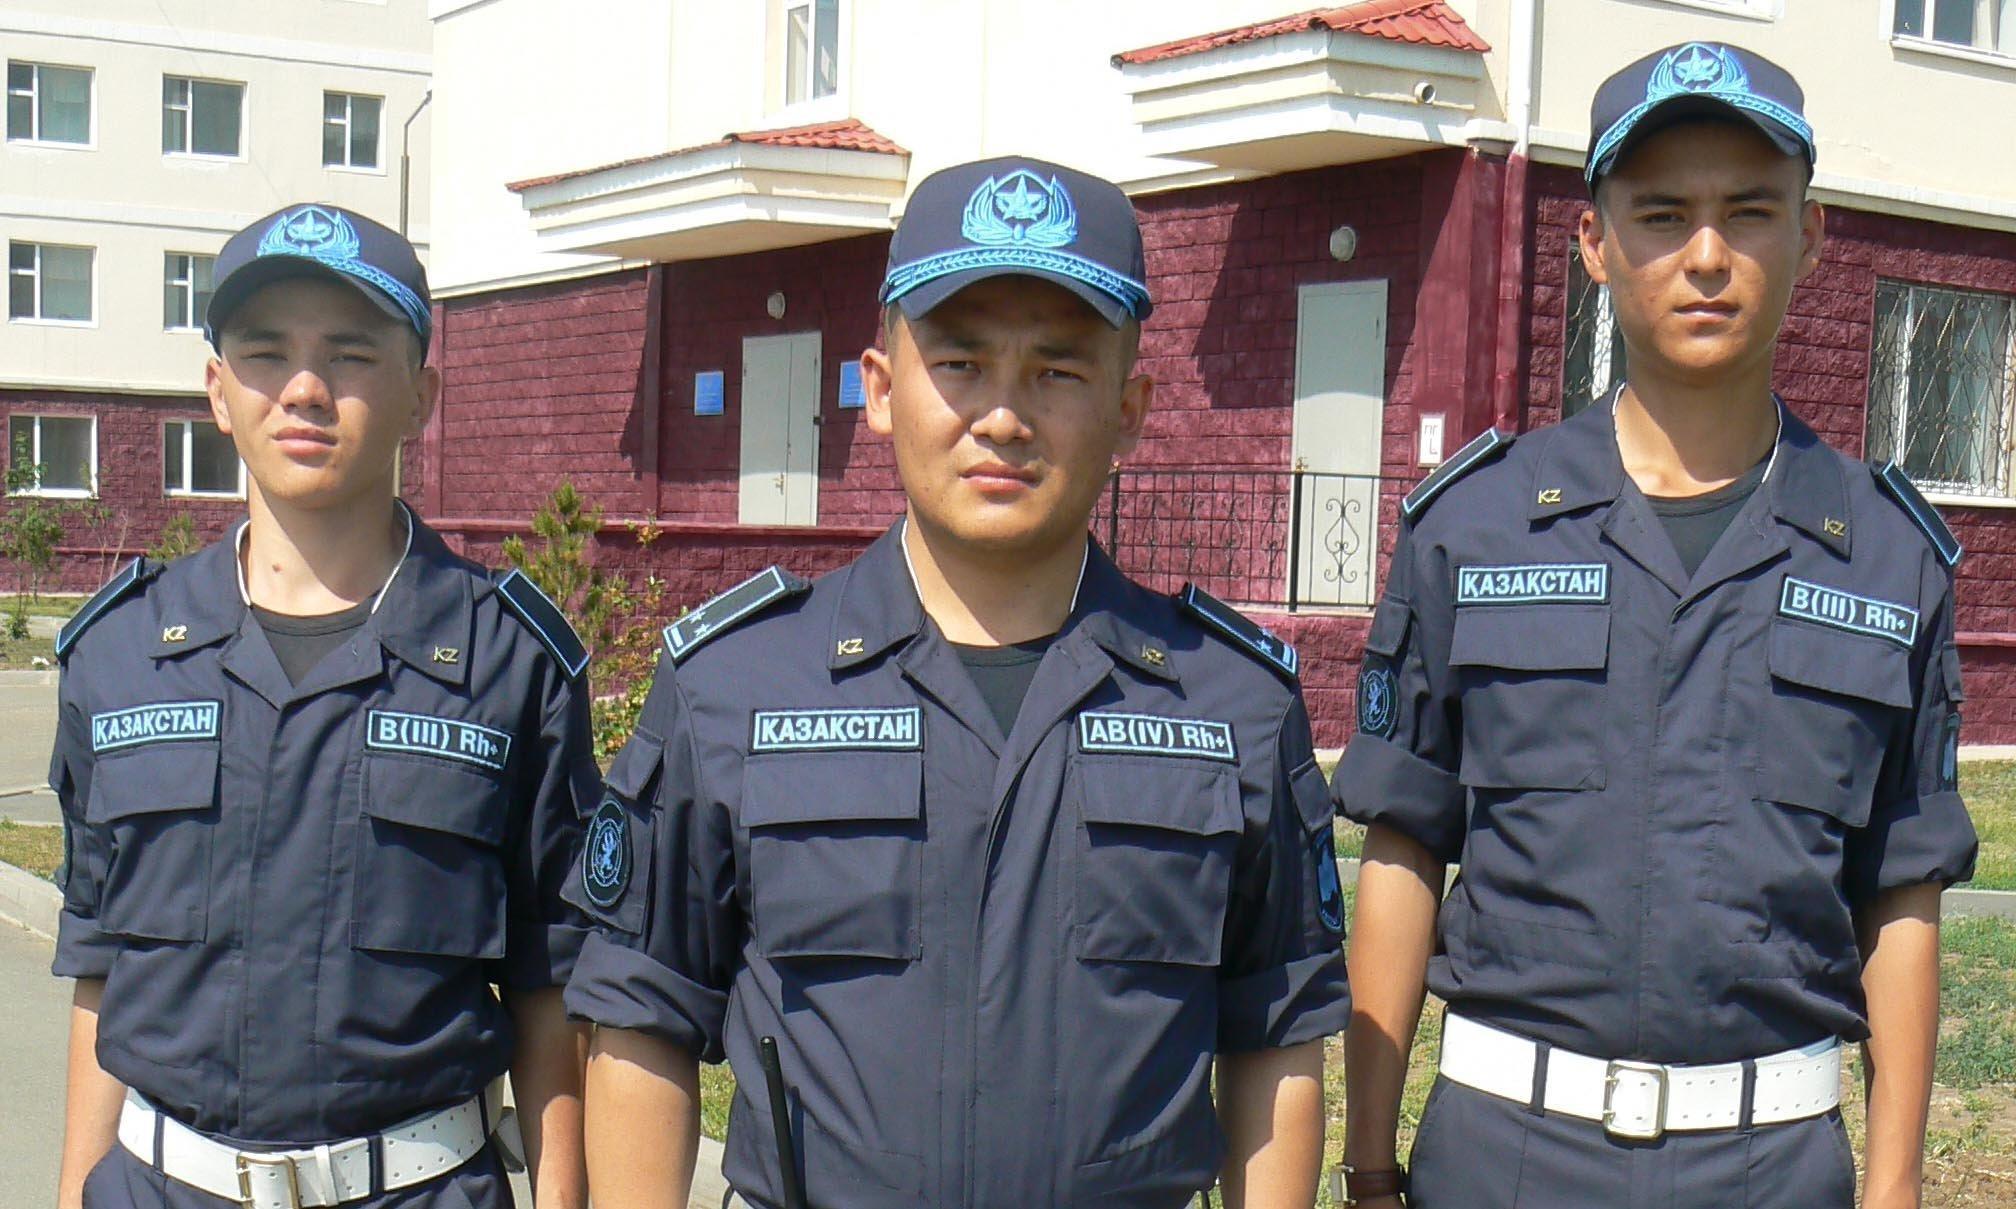 Служащие Национальной гвардии Ролан Тышканбай, Асылжан Айтбай и лейтенант Нурсултан Амиров